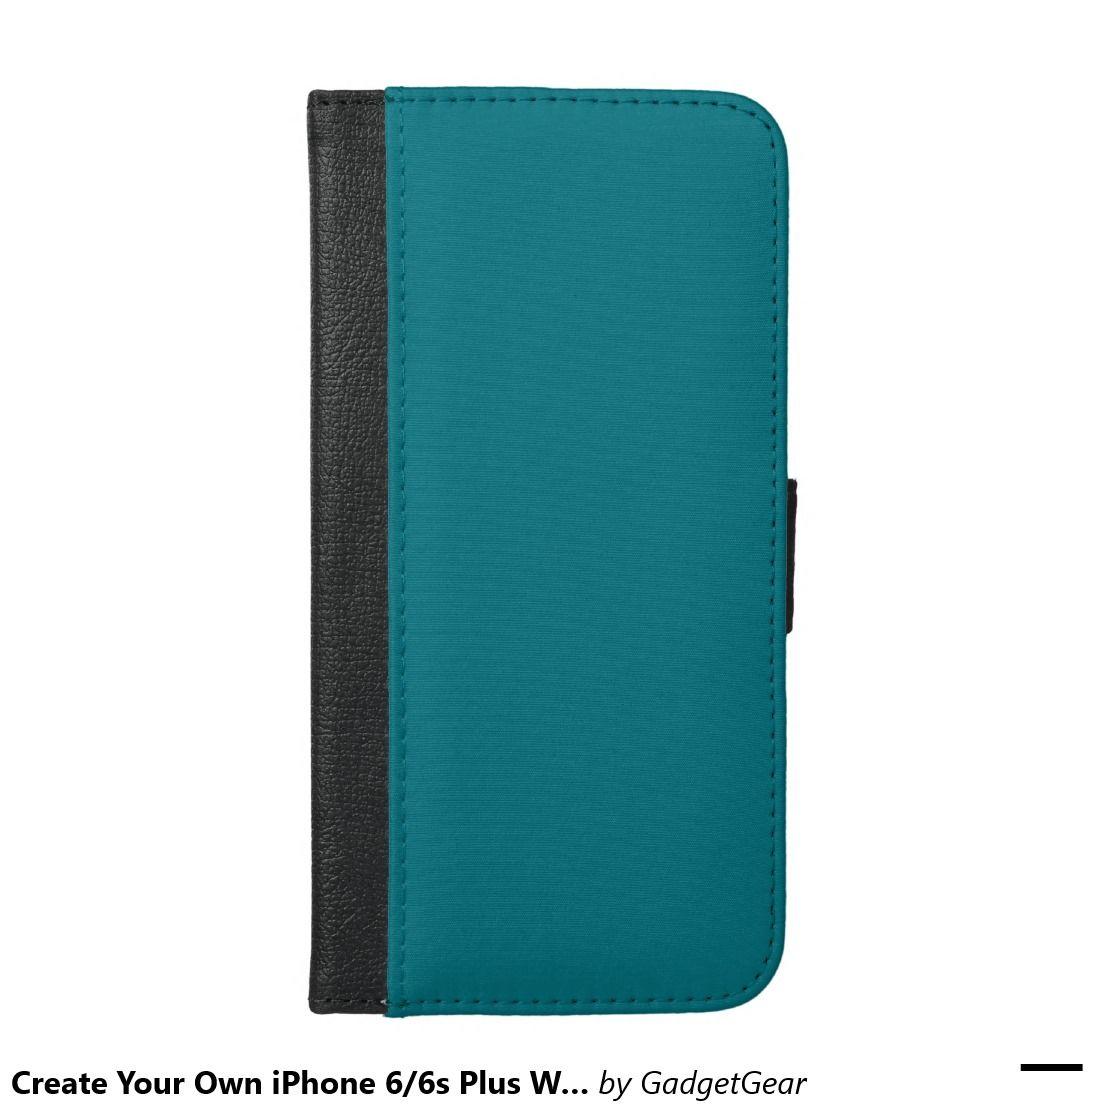 #CreateYourOwniPhone6/6sPlusWalletCase #ColorChangeiPhoneCase #CreateYourOwniPhoneCase #CustomiPhoneCase #WalletPhoneCase